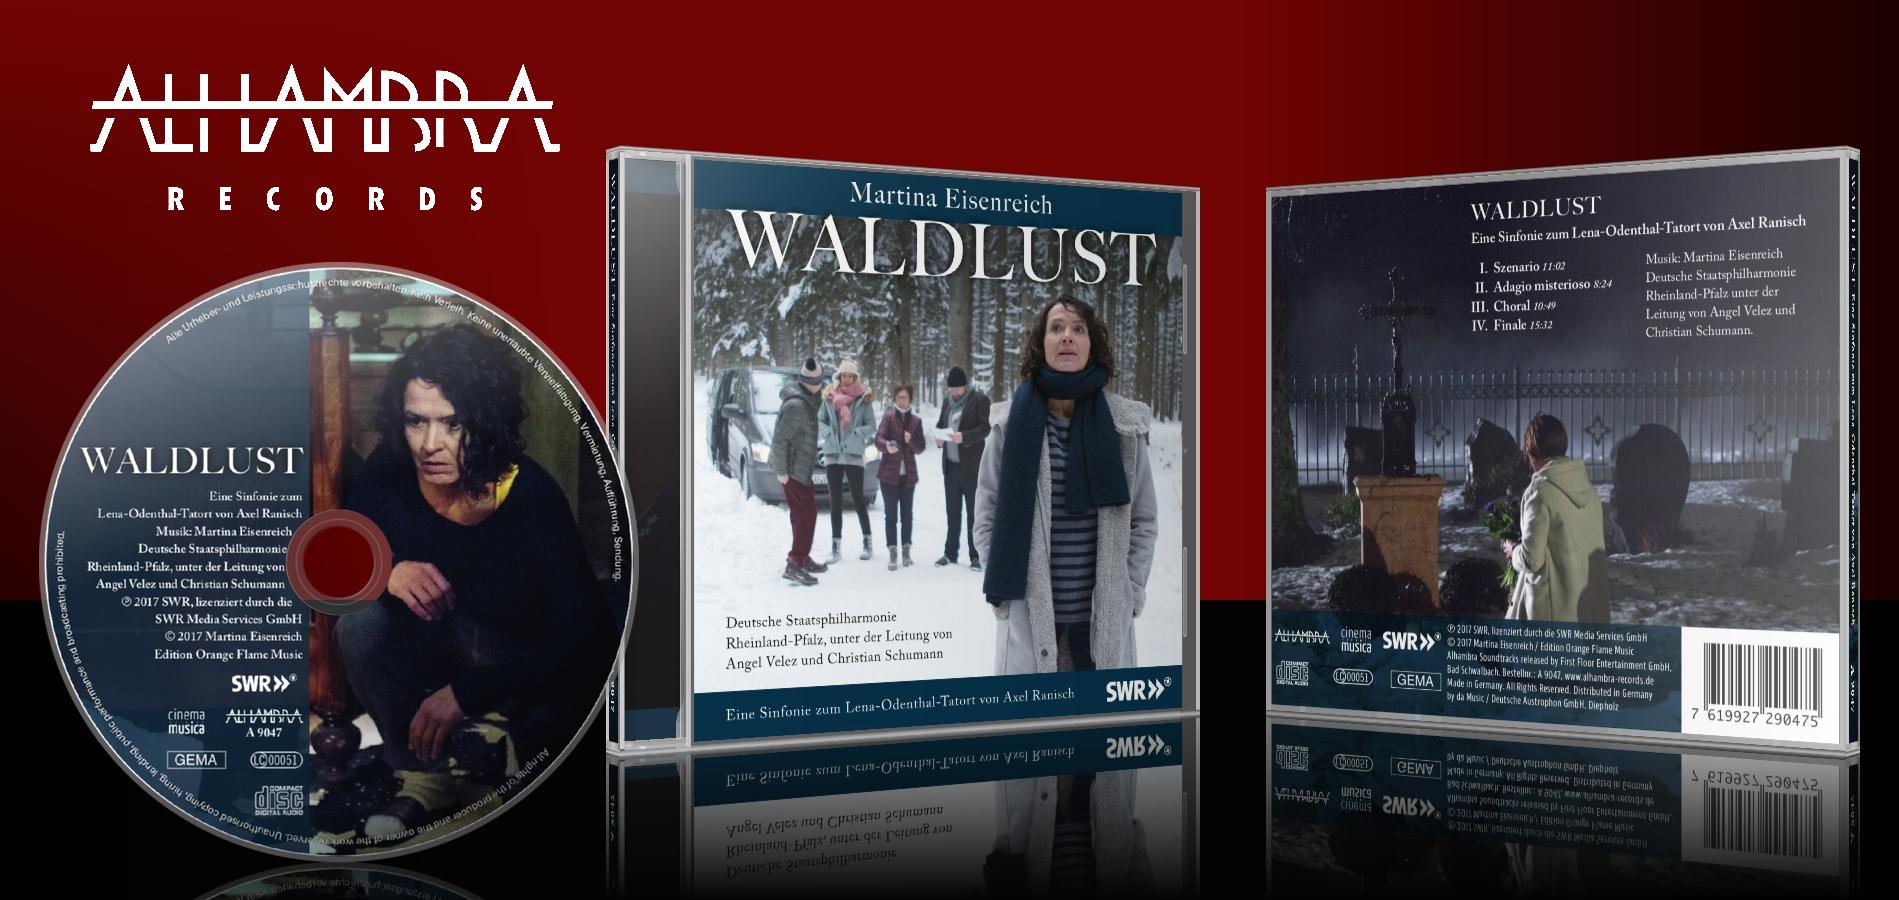 WALDLUST Eine Sinfonie zum Lena-Odenthal-Tatort von Axel Ranisch